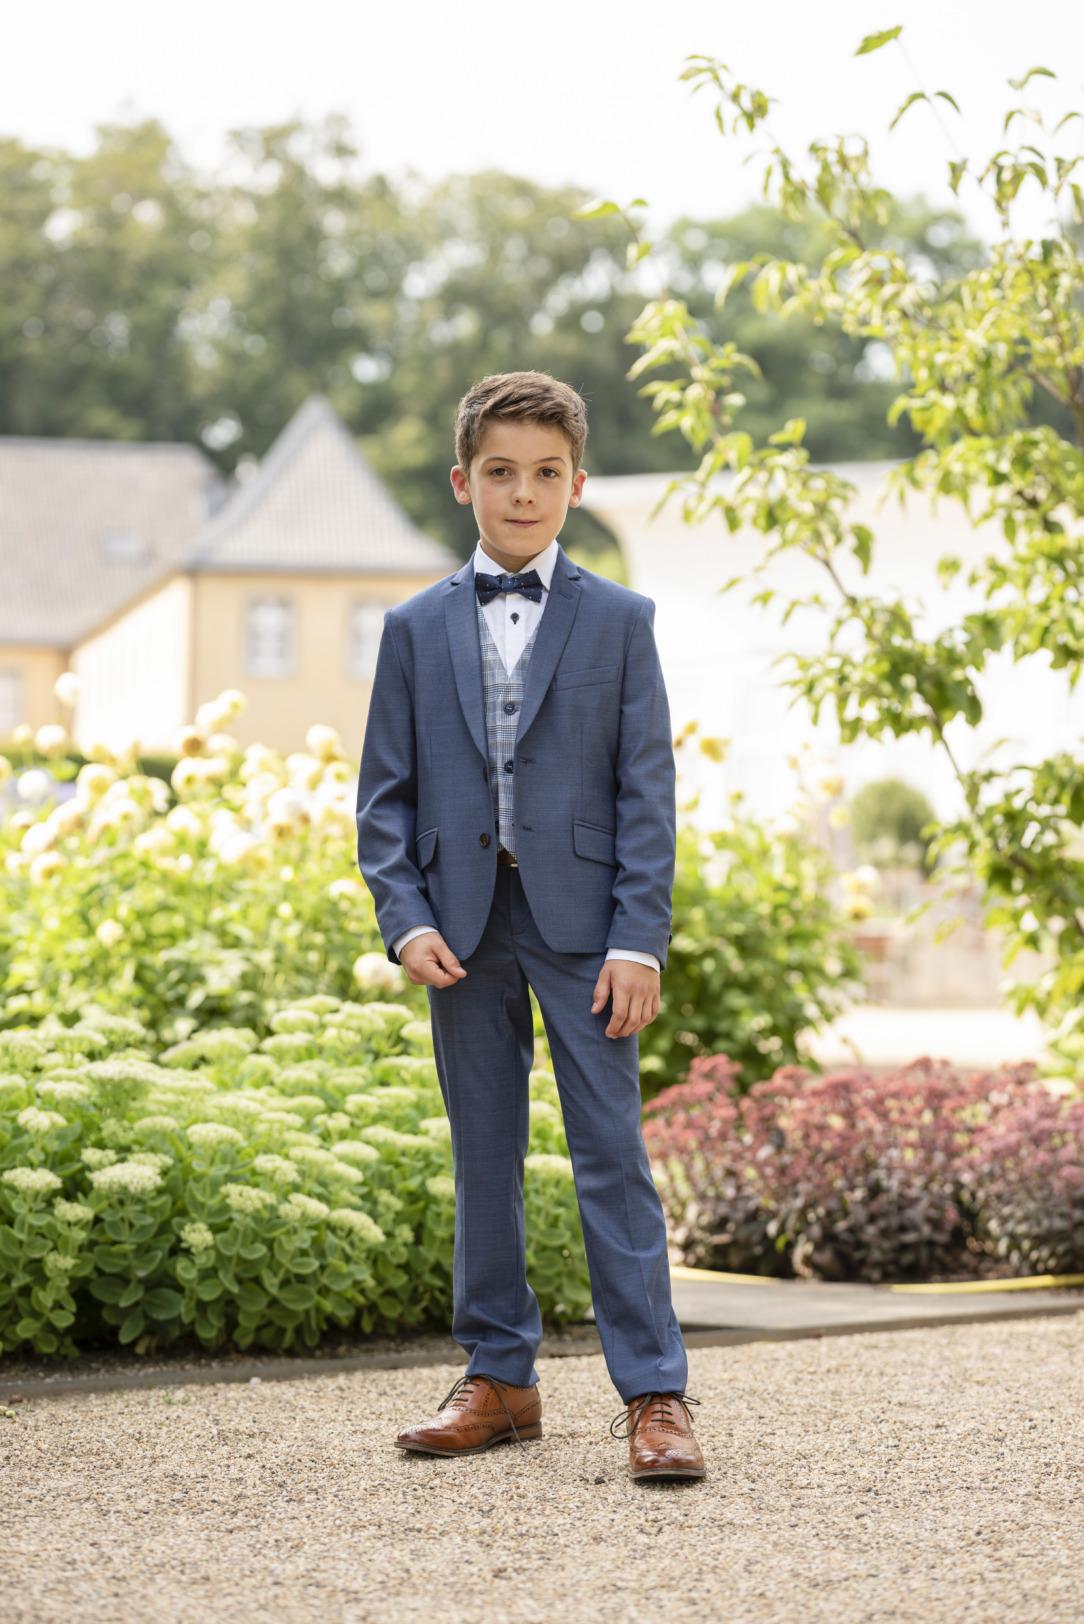 Kommunion Anzug für Jungen von Weise Junior - Modell 7517551. Der klassische Anzug in hellblau mit karrierter Weste und passender Fliege.